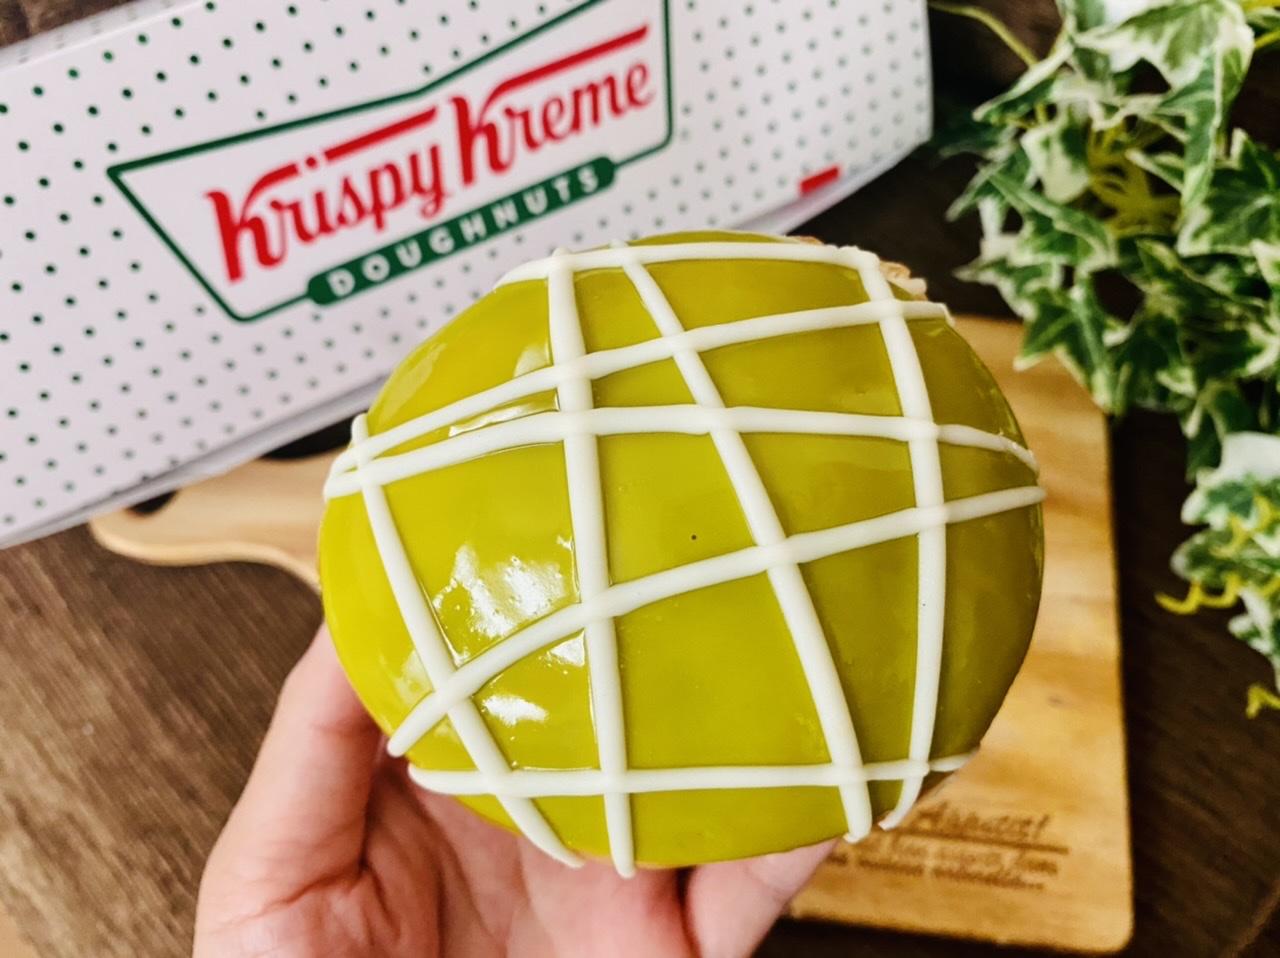 【クリスピー・クリーム・ドーナツ】まるでスイカとメロン♡初夏限定ドーナツが可愛すぎる!_4